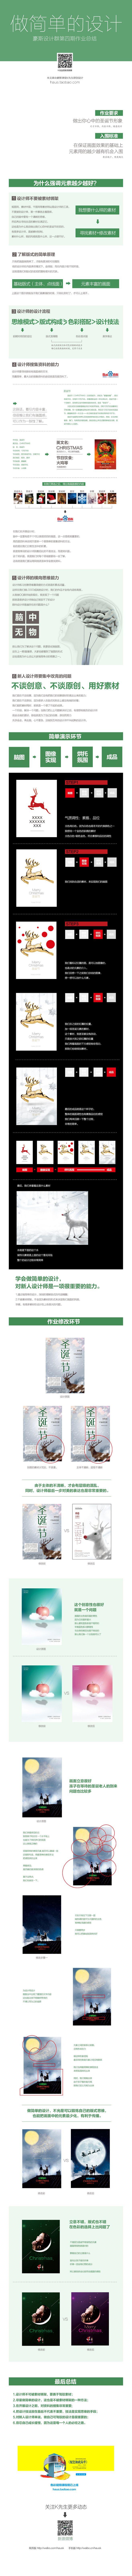 http://haus.taobao.c...